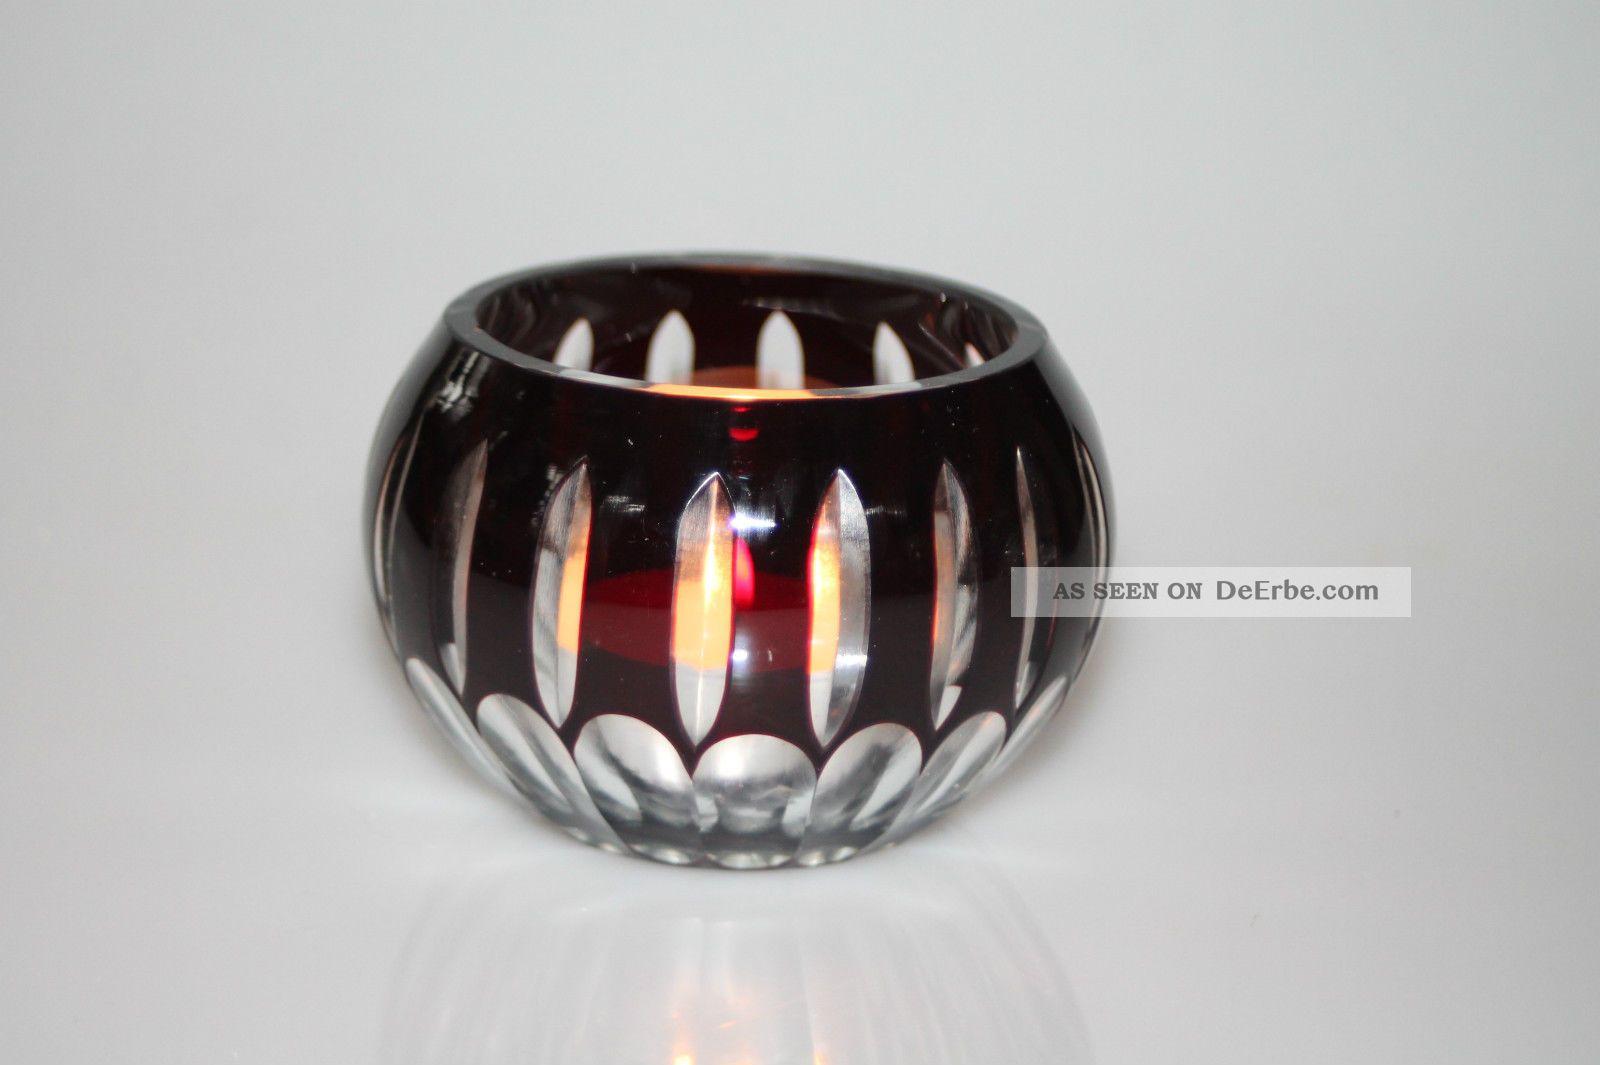 Traumhaft Schöner Teelicht - Halter Kristall Geschliffen Dunkelrot - Kristallglas Kristall Bild